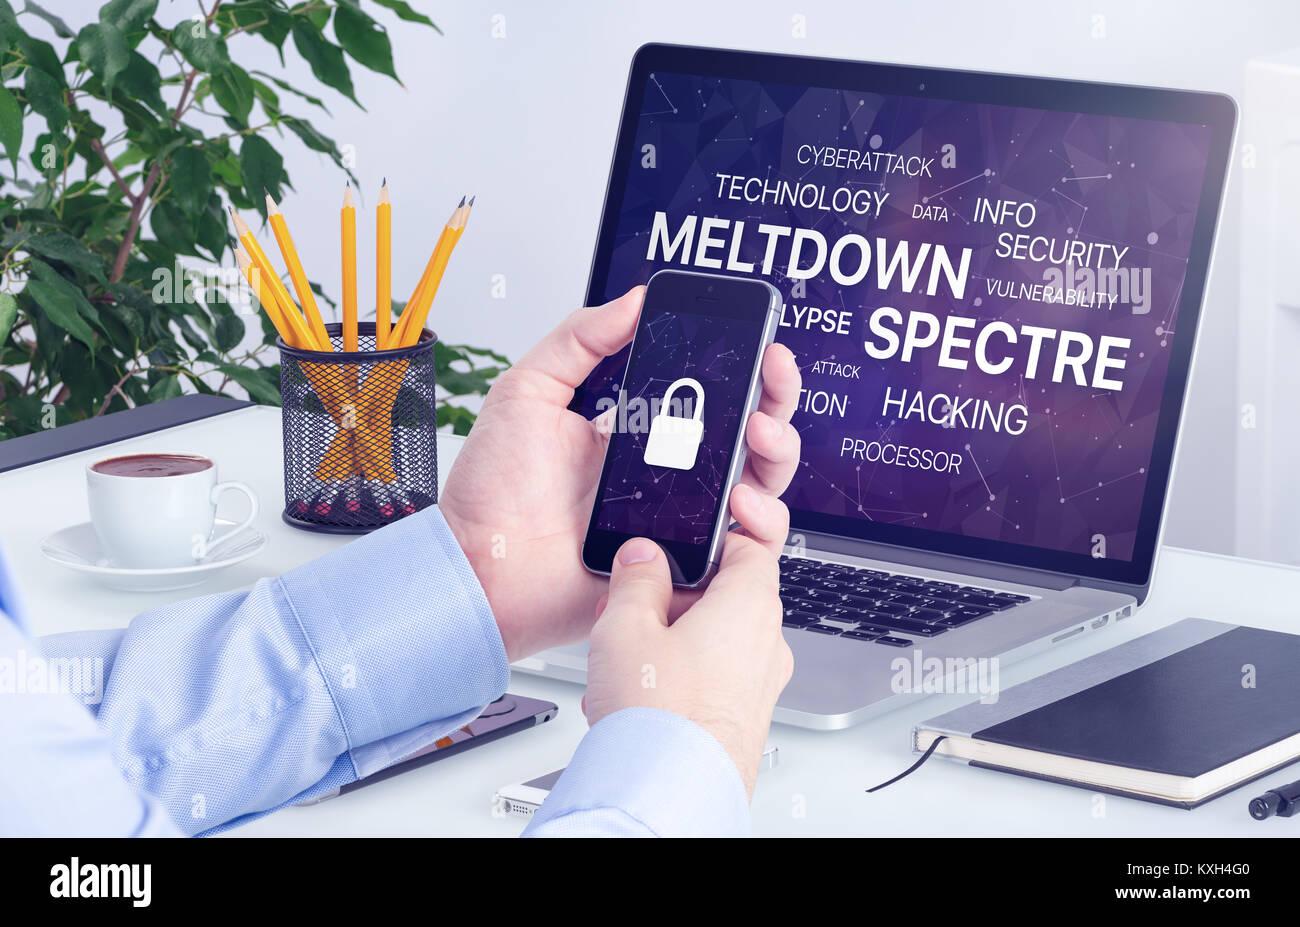 Deshielos y espectro amenaza concepto sobre el portátil y la pantalla del smartphone. Imagen De Stock